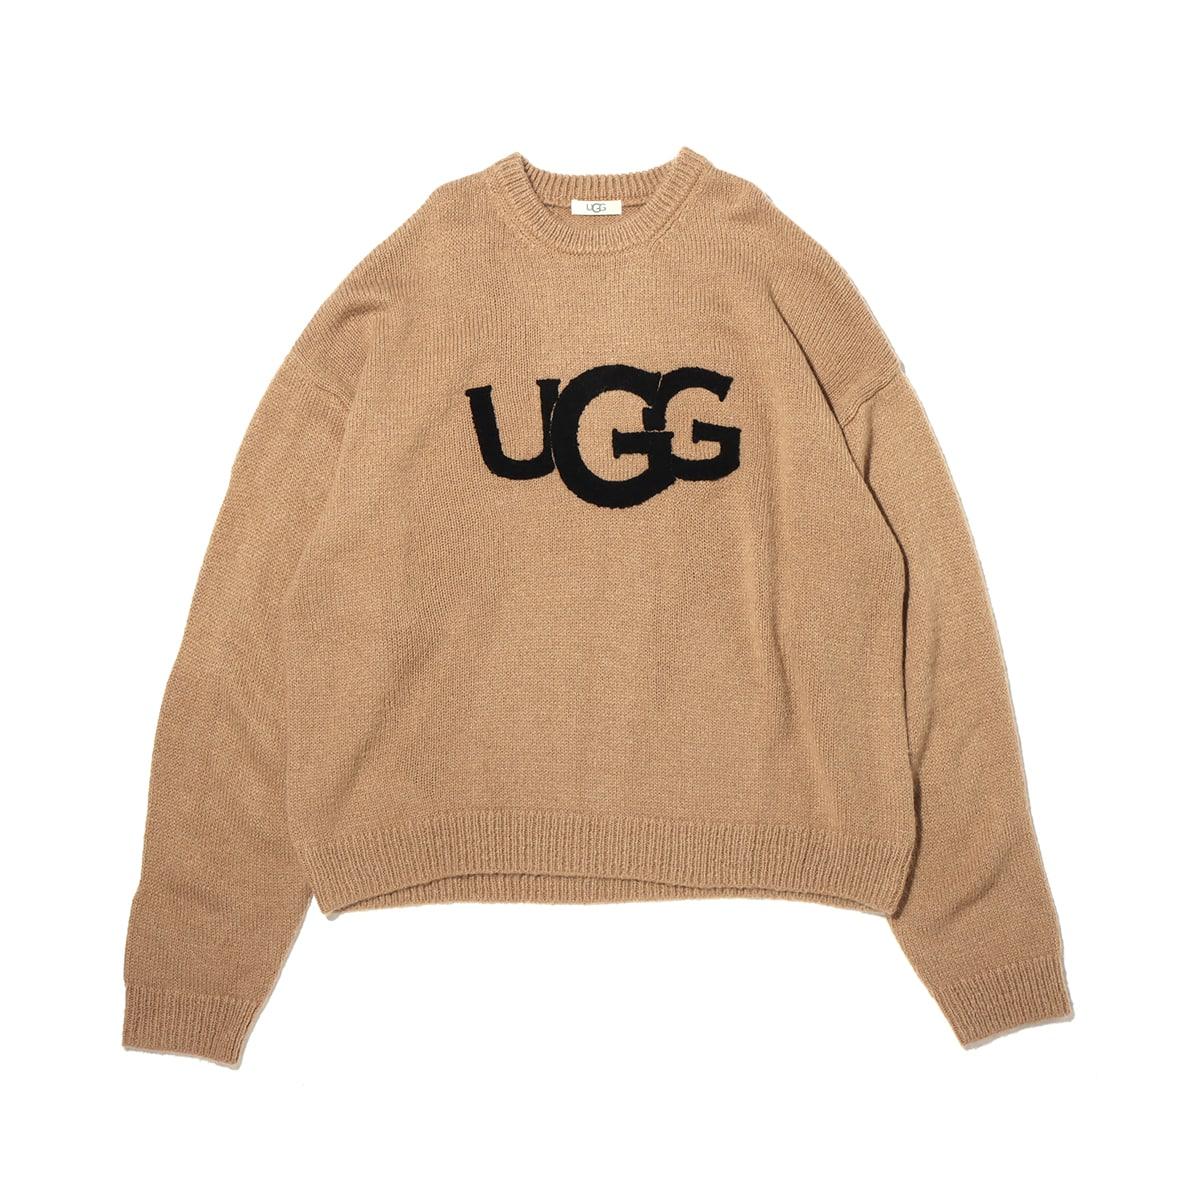 UGG UGG ロゴ モヘアニット BEIGE 20FW-I_photo_large